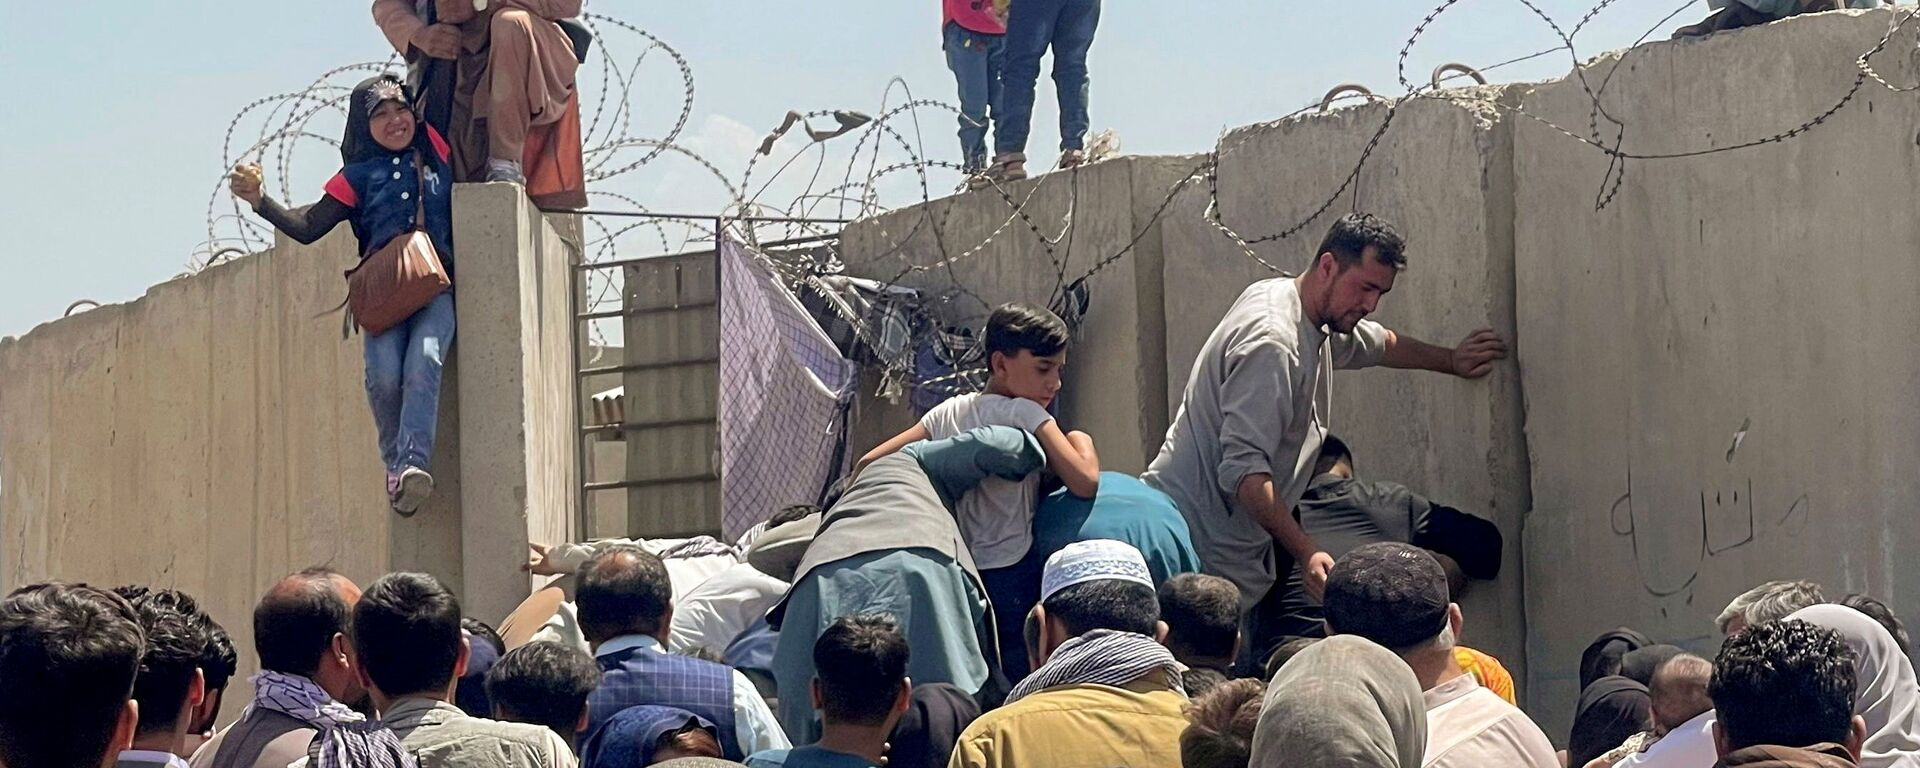 Мужчина тянет наверх девочку у аэропорта Кабула  - Sputnik Таджикистан, 1920, 22.08.2021